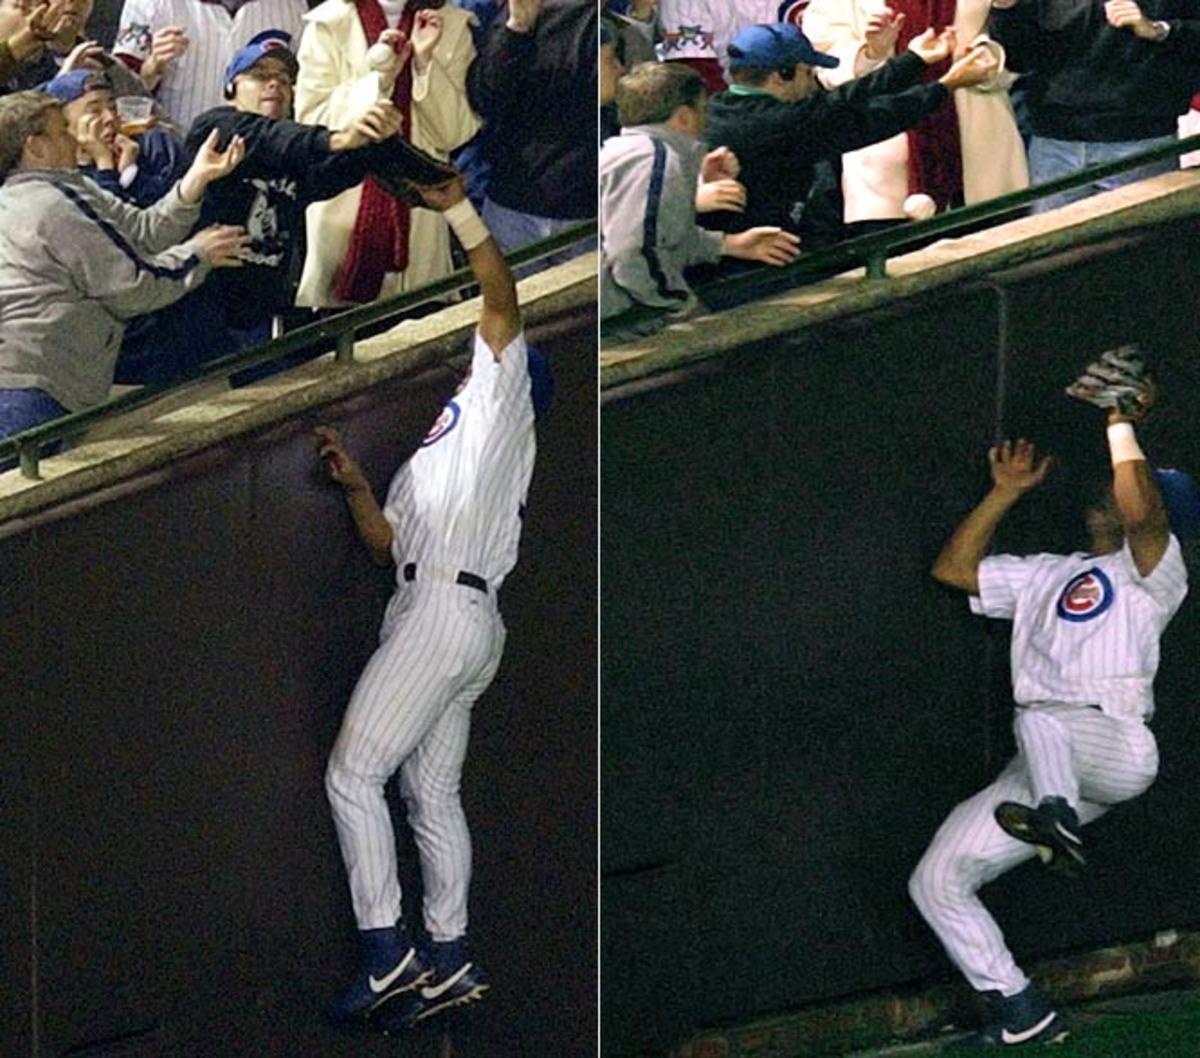 2003 NLCS, Marlins defeat Cubs